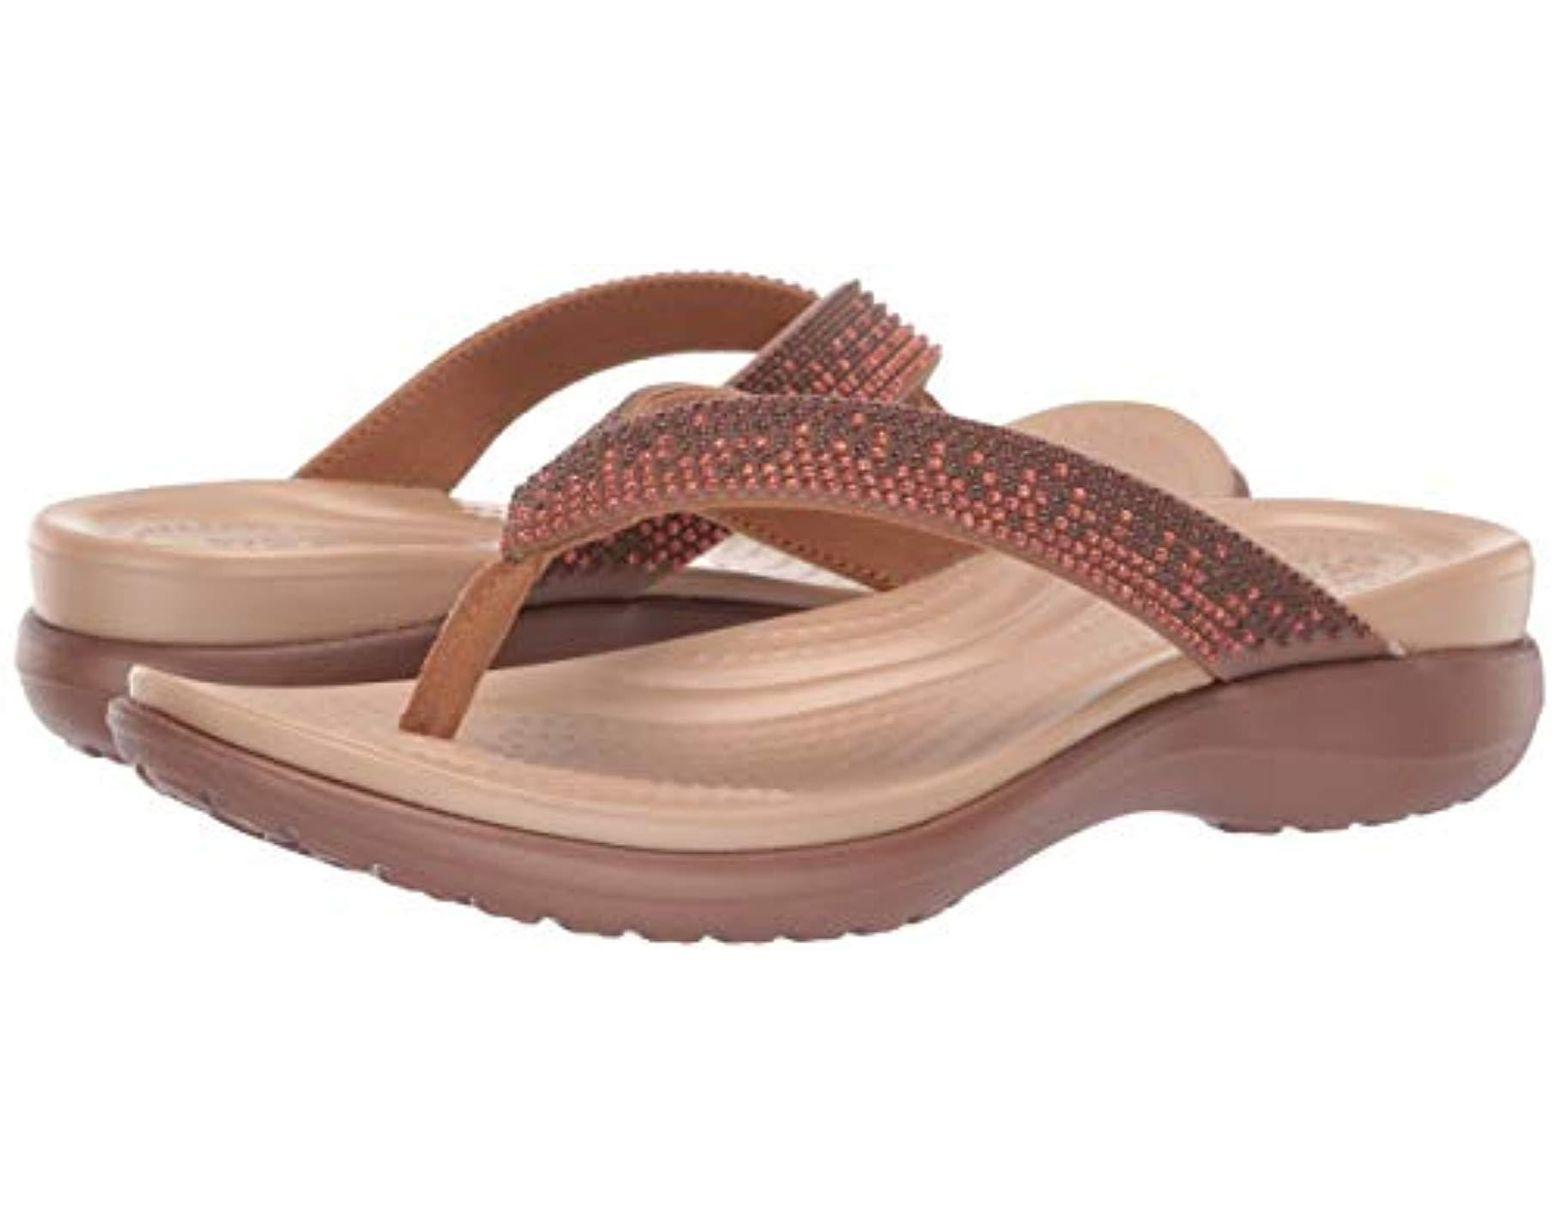 7e268a5cb Crocs™ Capri V Diamante Flip Flop - Save 5% - Lyst